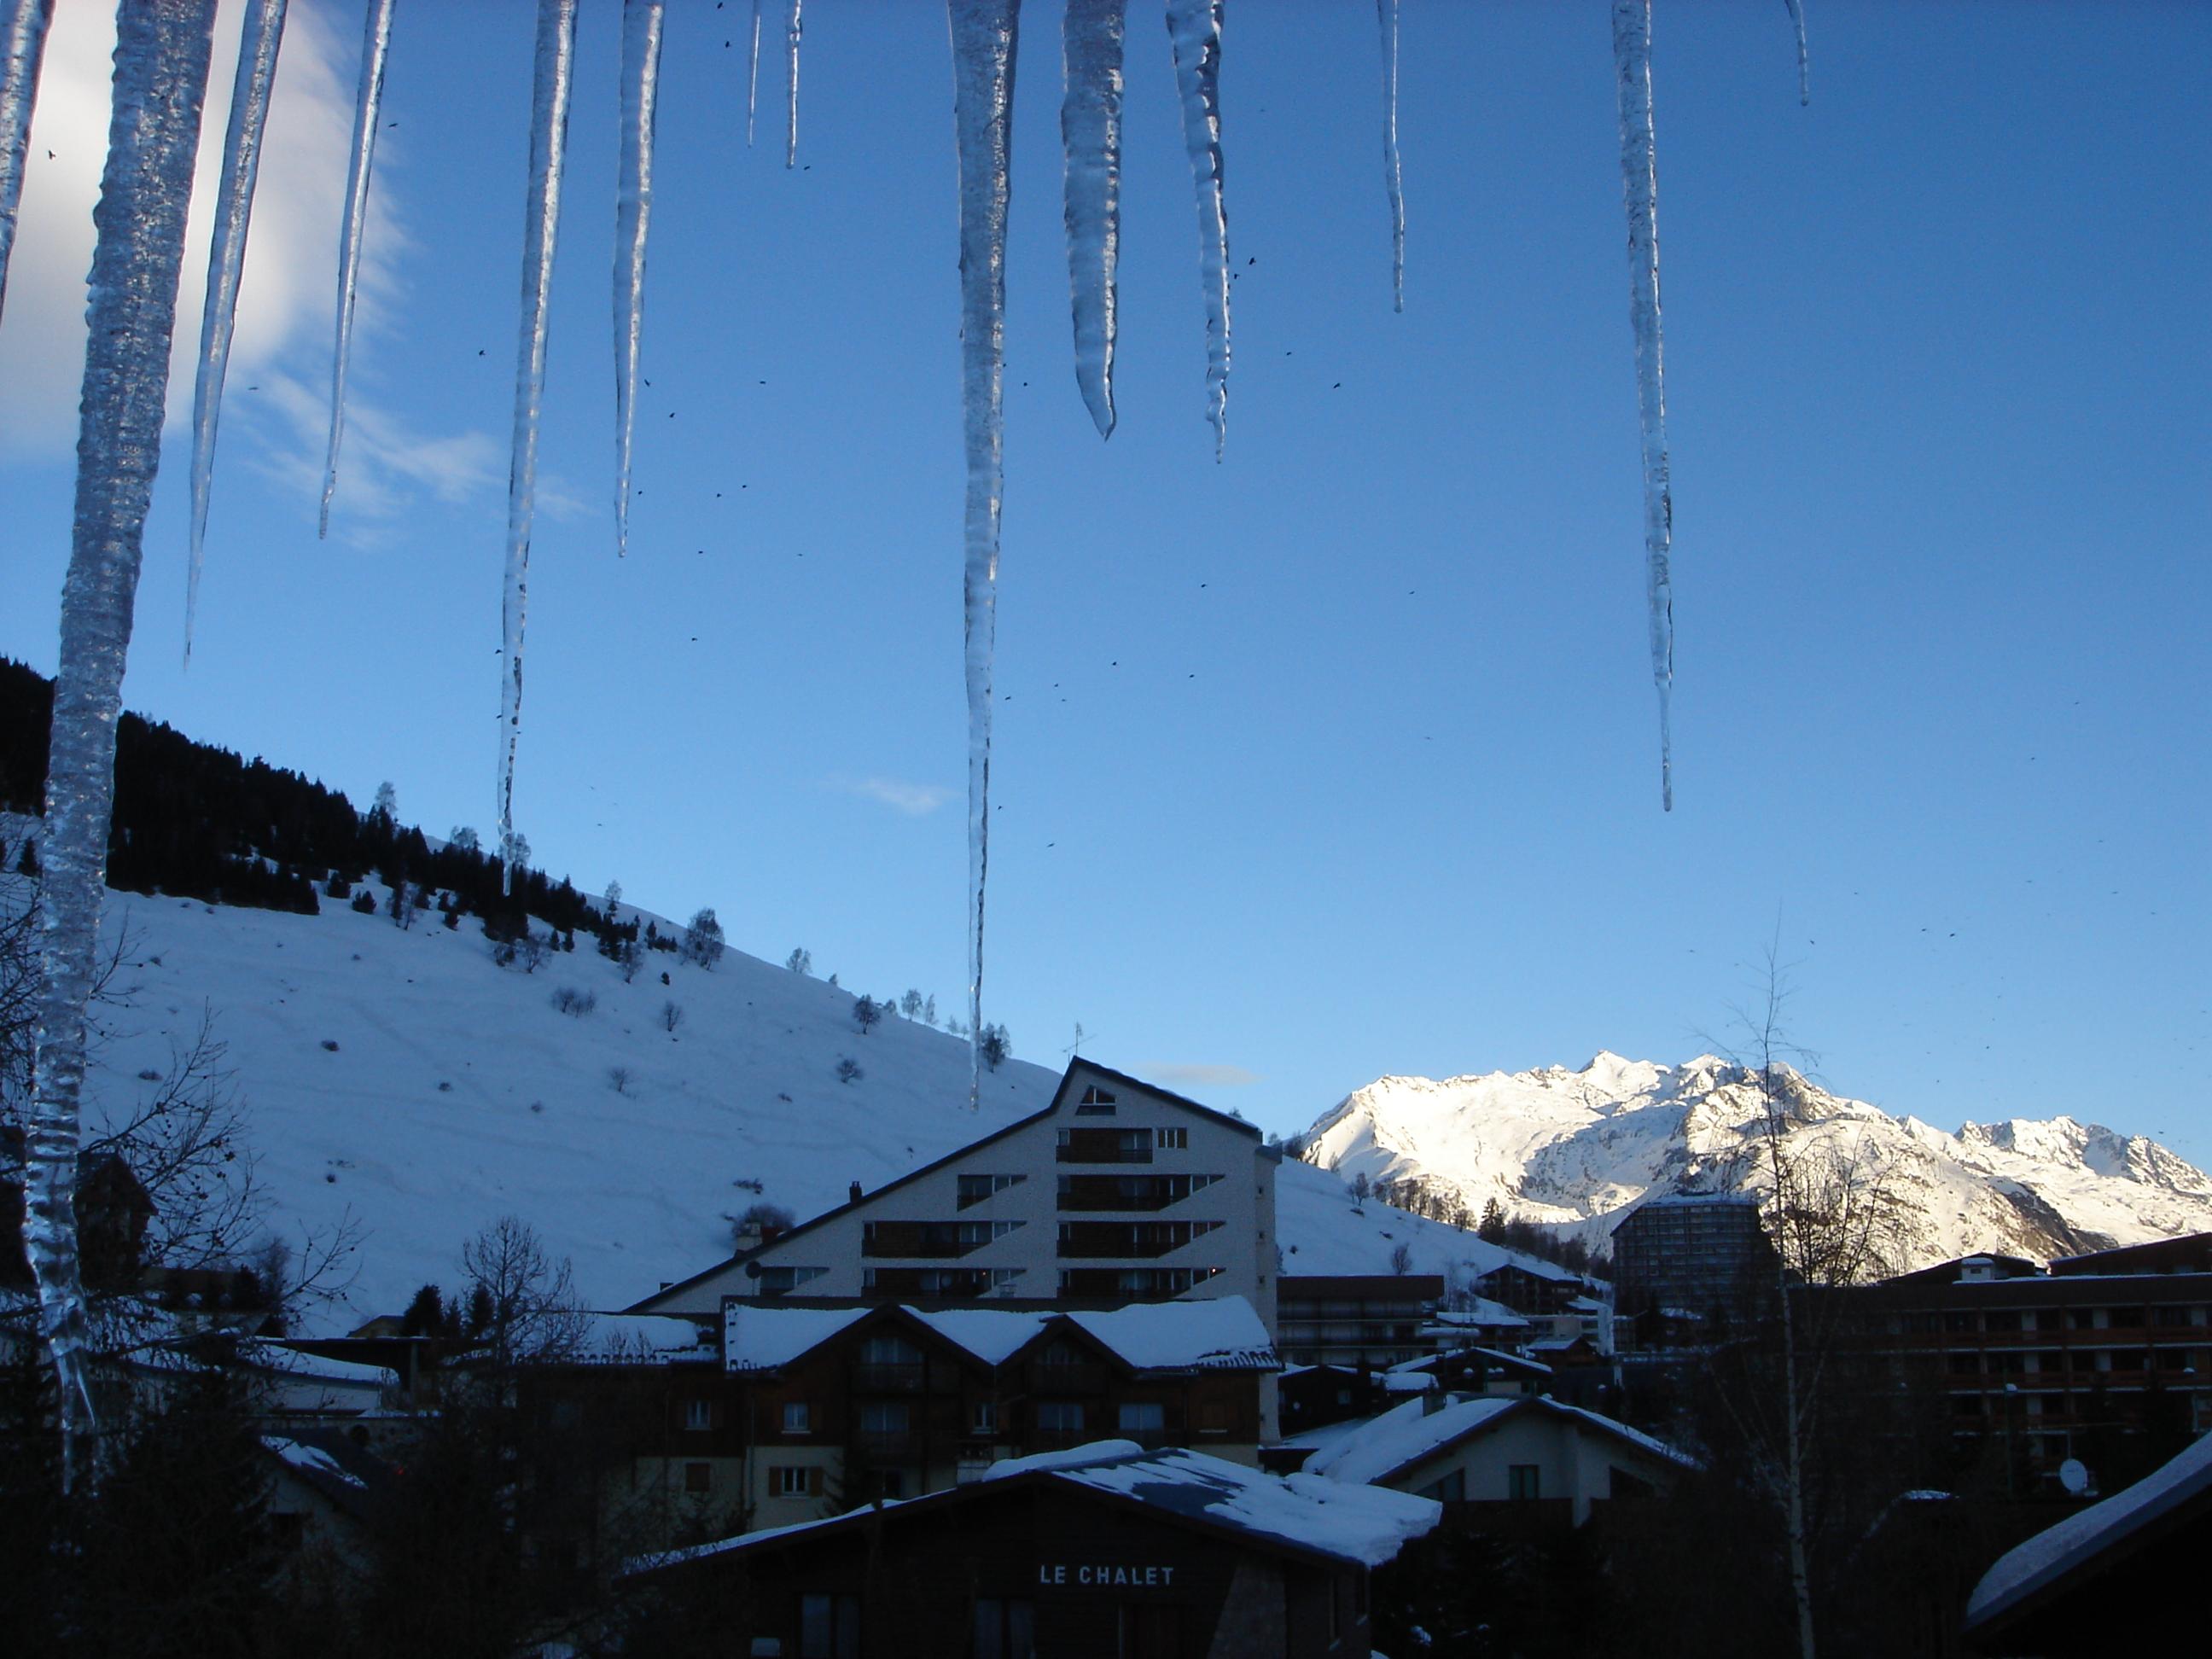 Les 2 Alpes_Per Henrik Brask